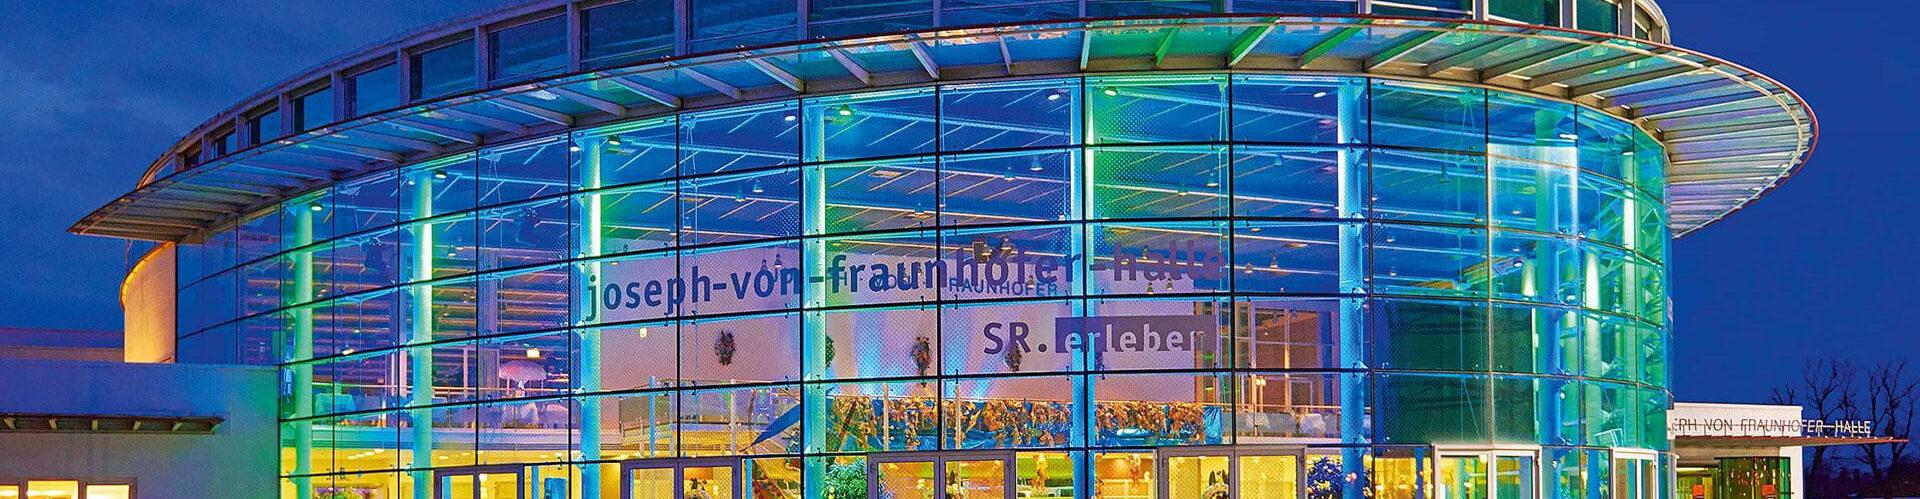 Die Joseph-von-Fraunhofer-Halle von aussen, bei Nacht